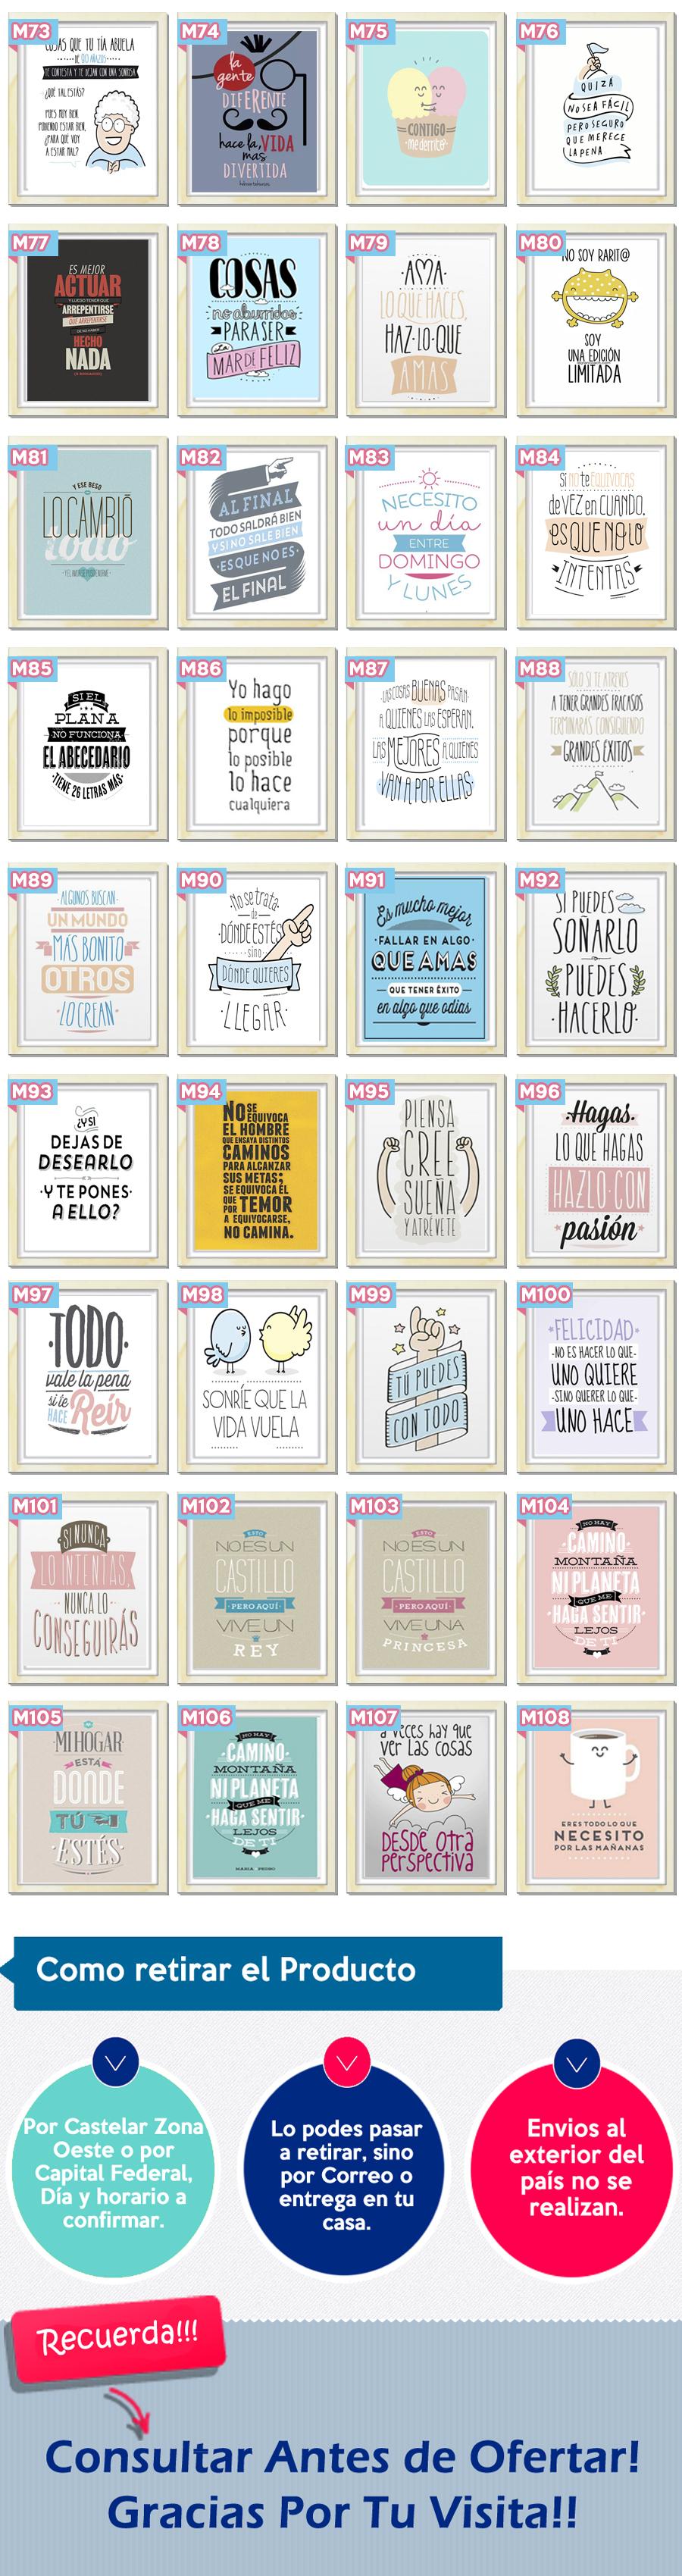 100+ mejores imágenes de Cuadernos decorados en 2020 | cuadernos decorados,  cuadernos, cuadernos personalizados